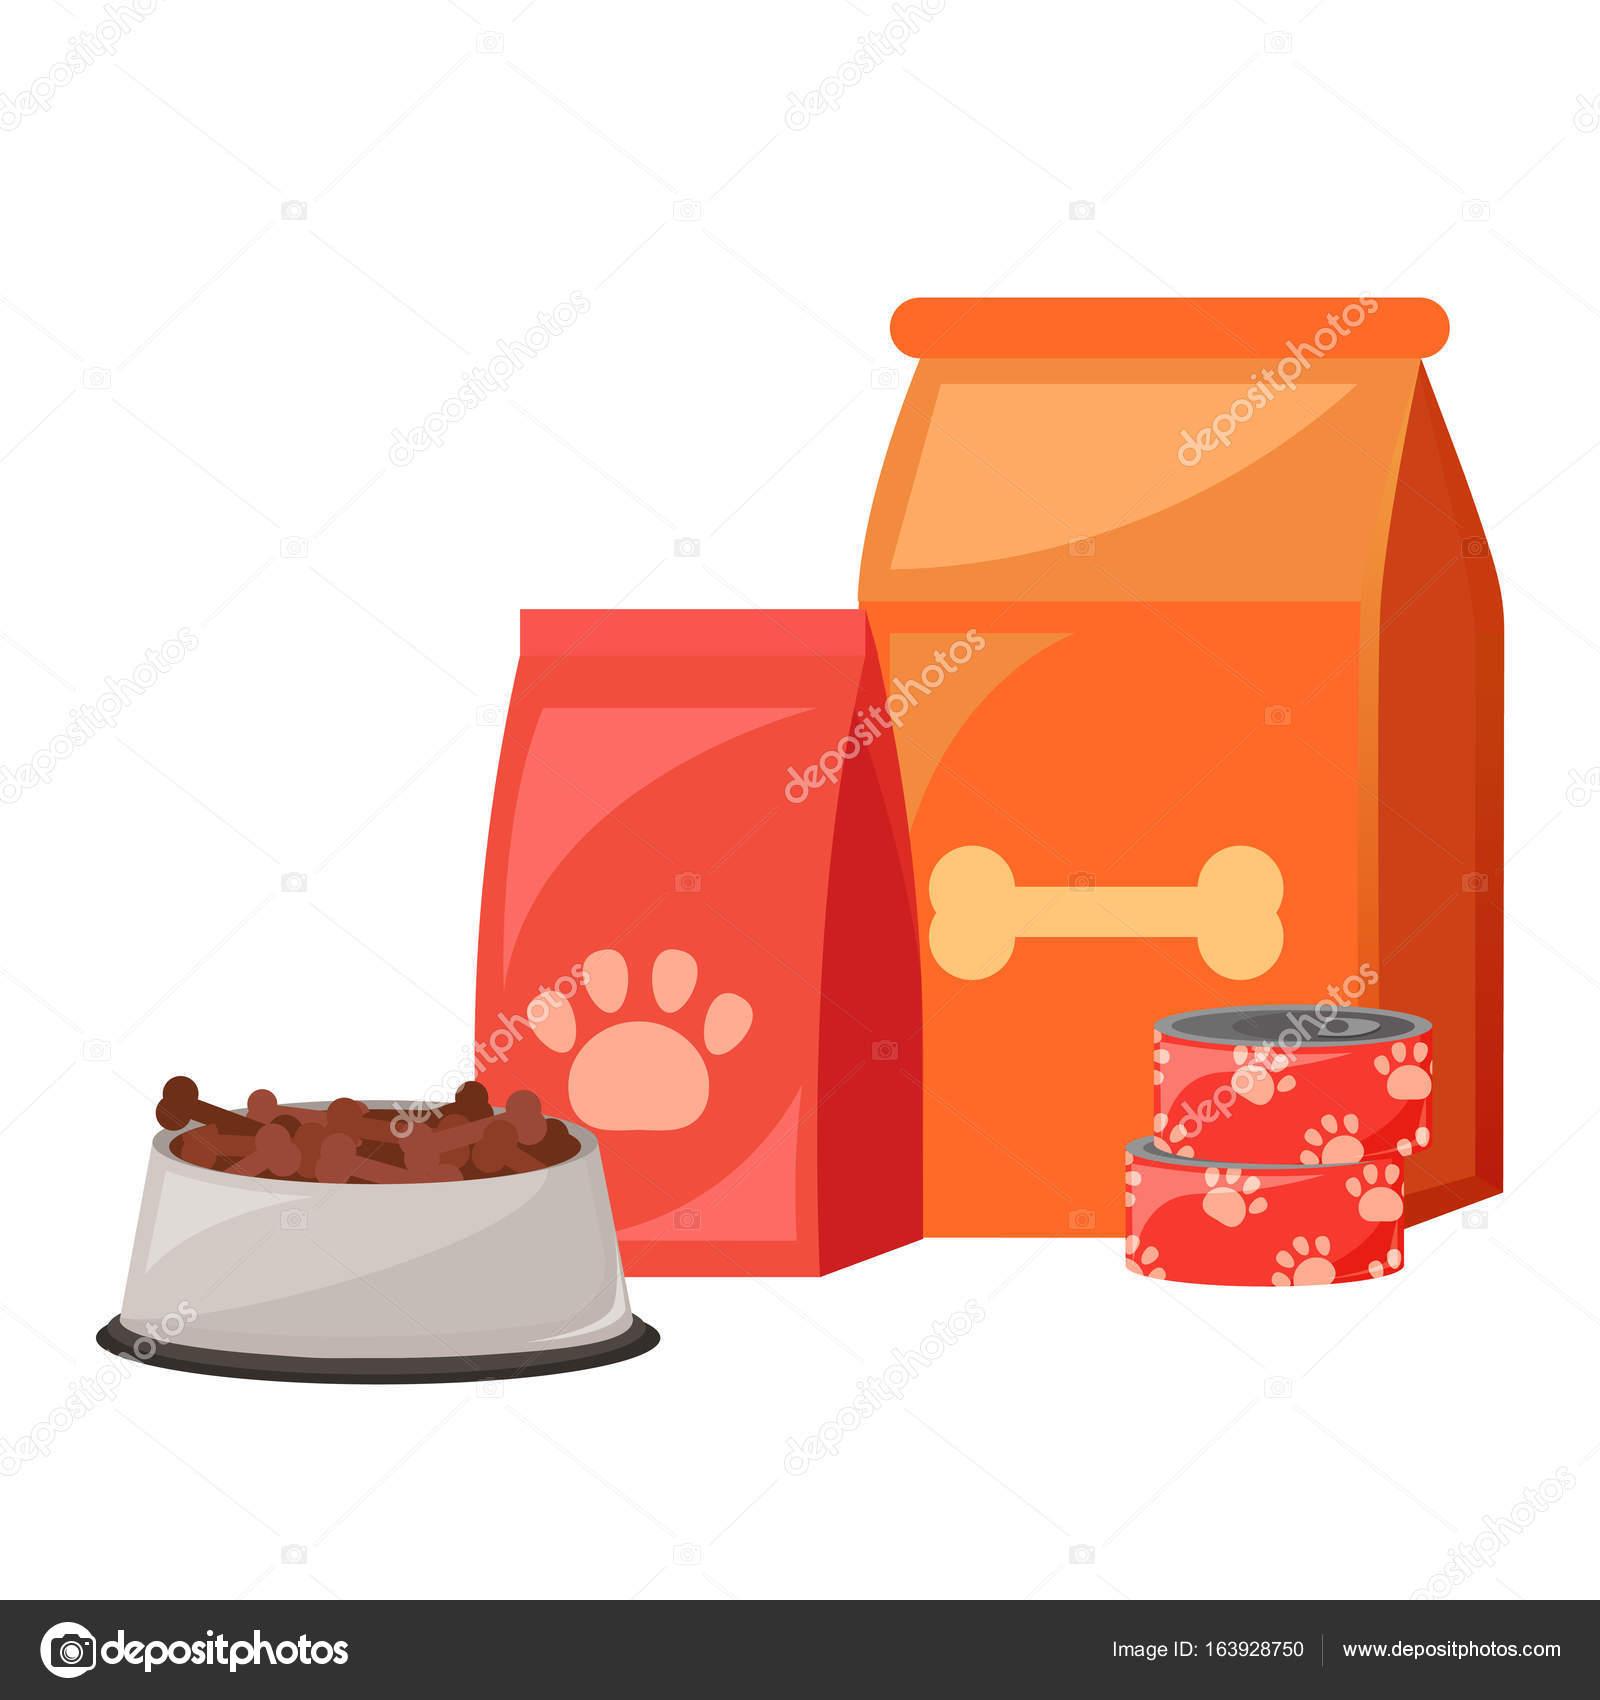 394c6dfcf41657 Корм для тварин. Корм для собак і кішок. Чаша, тара, реклама ...